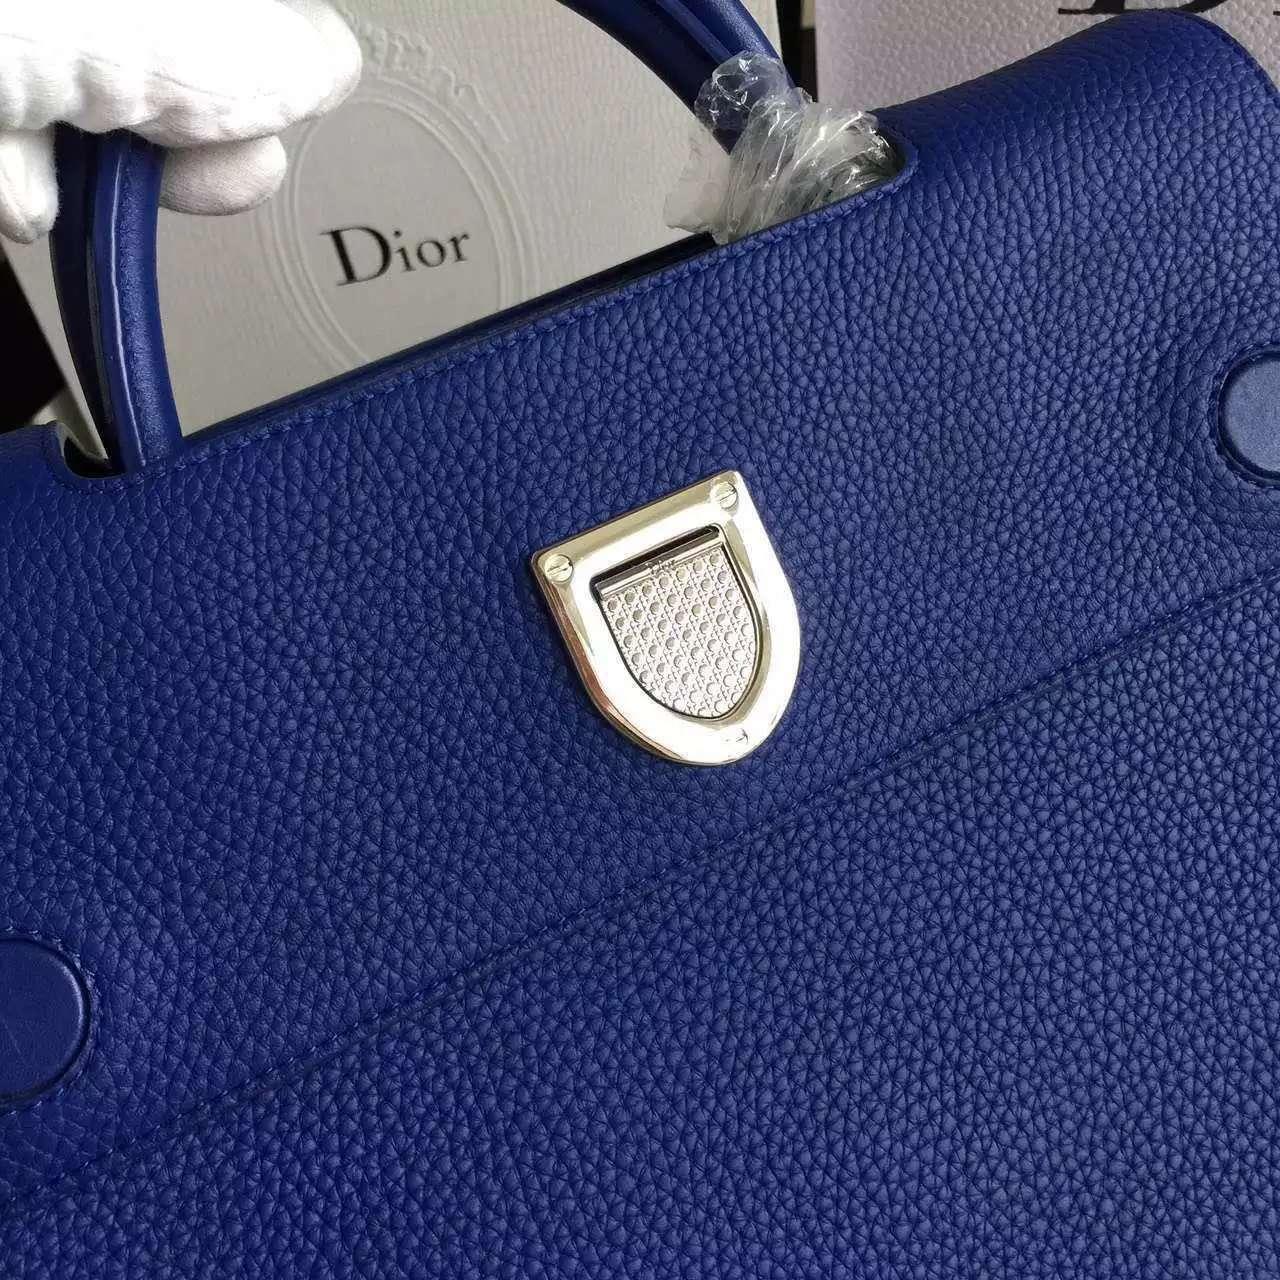 迪奥包包批发 Christian Dior蓝色原版荔枝纹牛皮手提包中号30cm